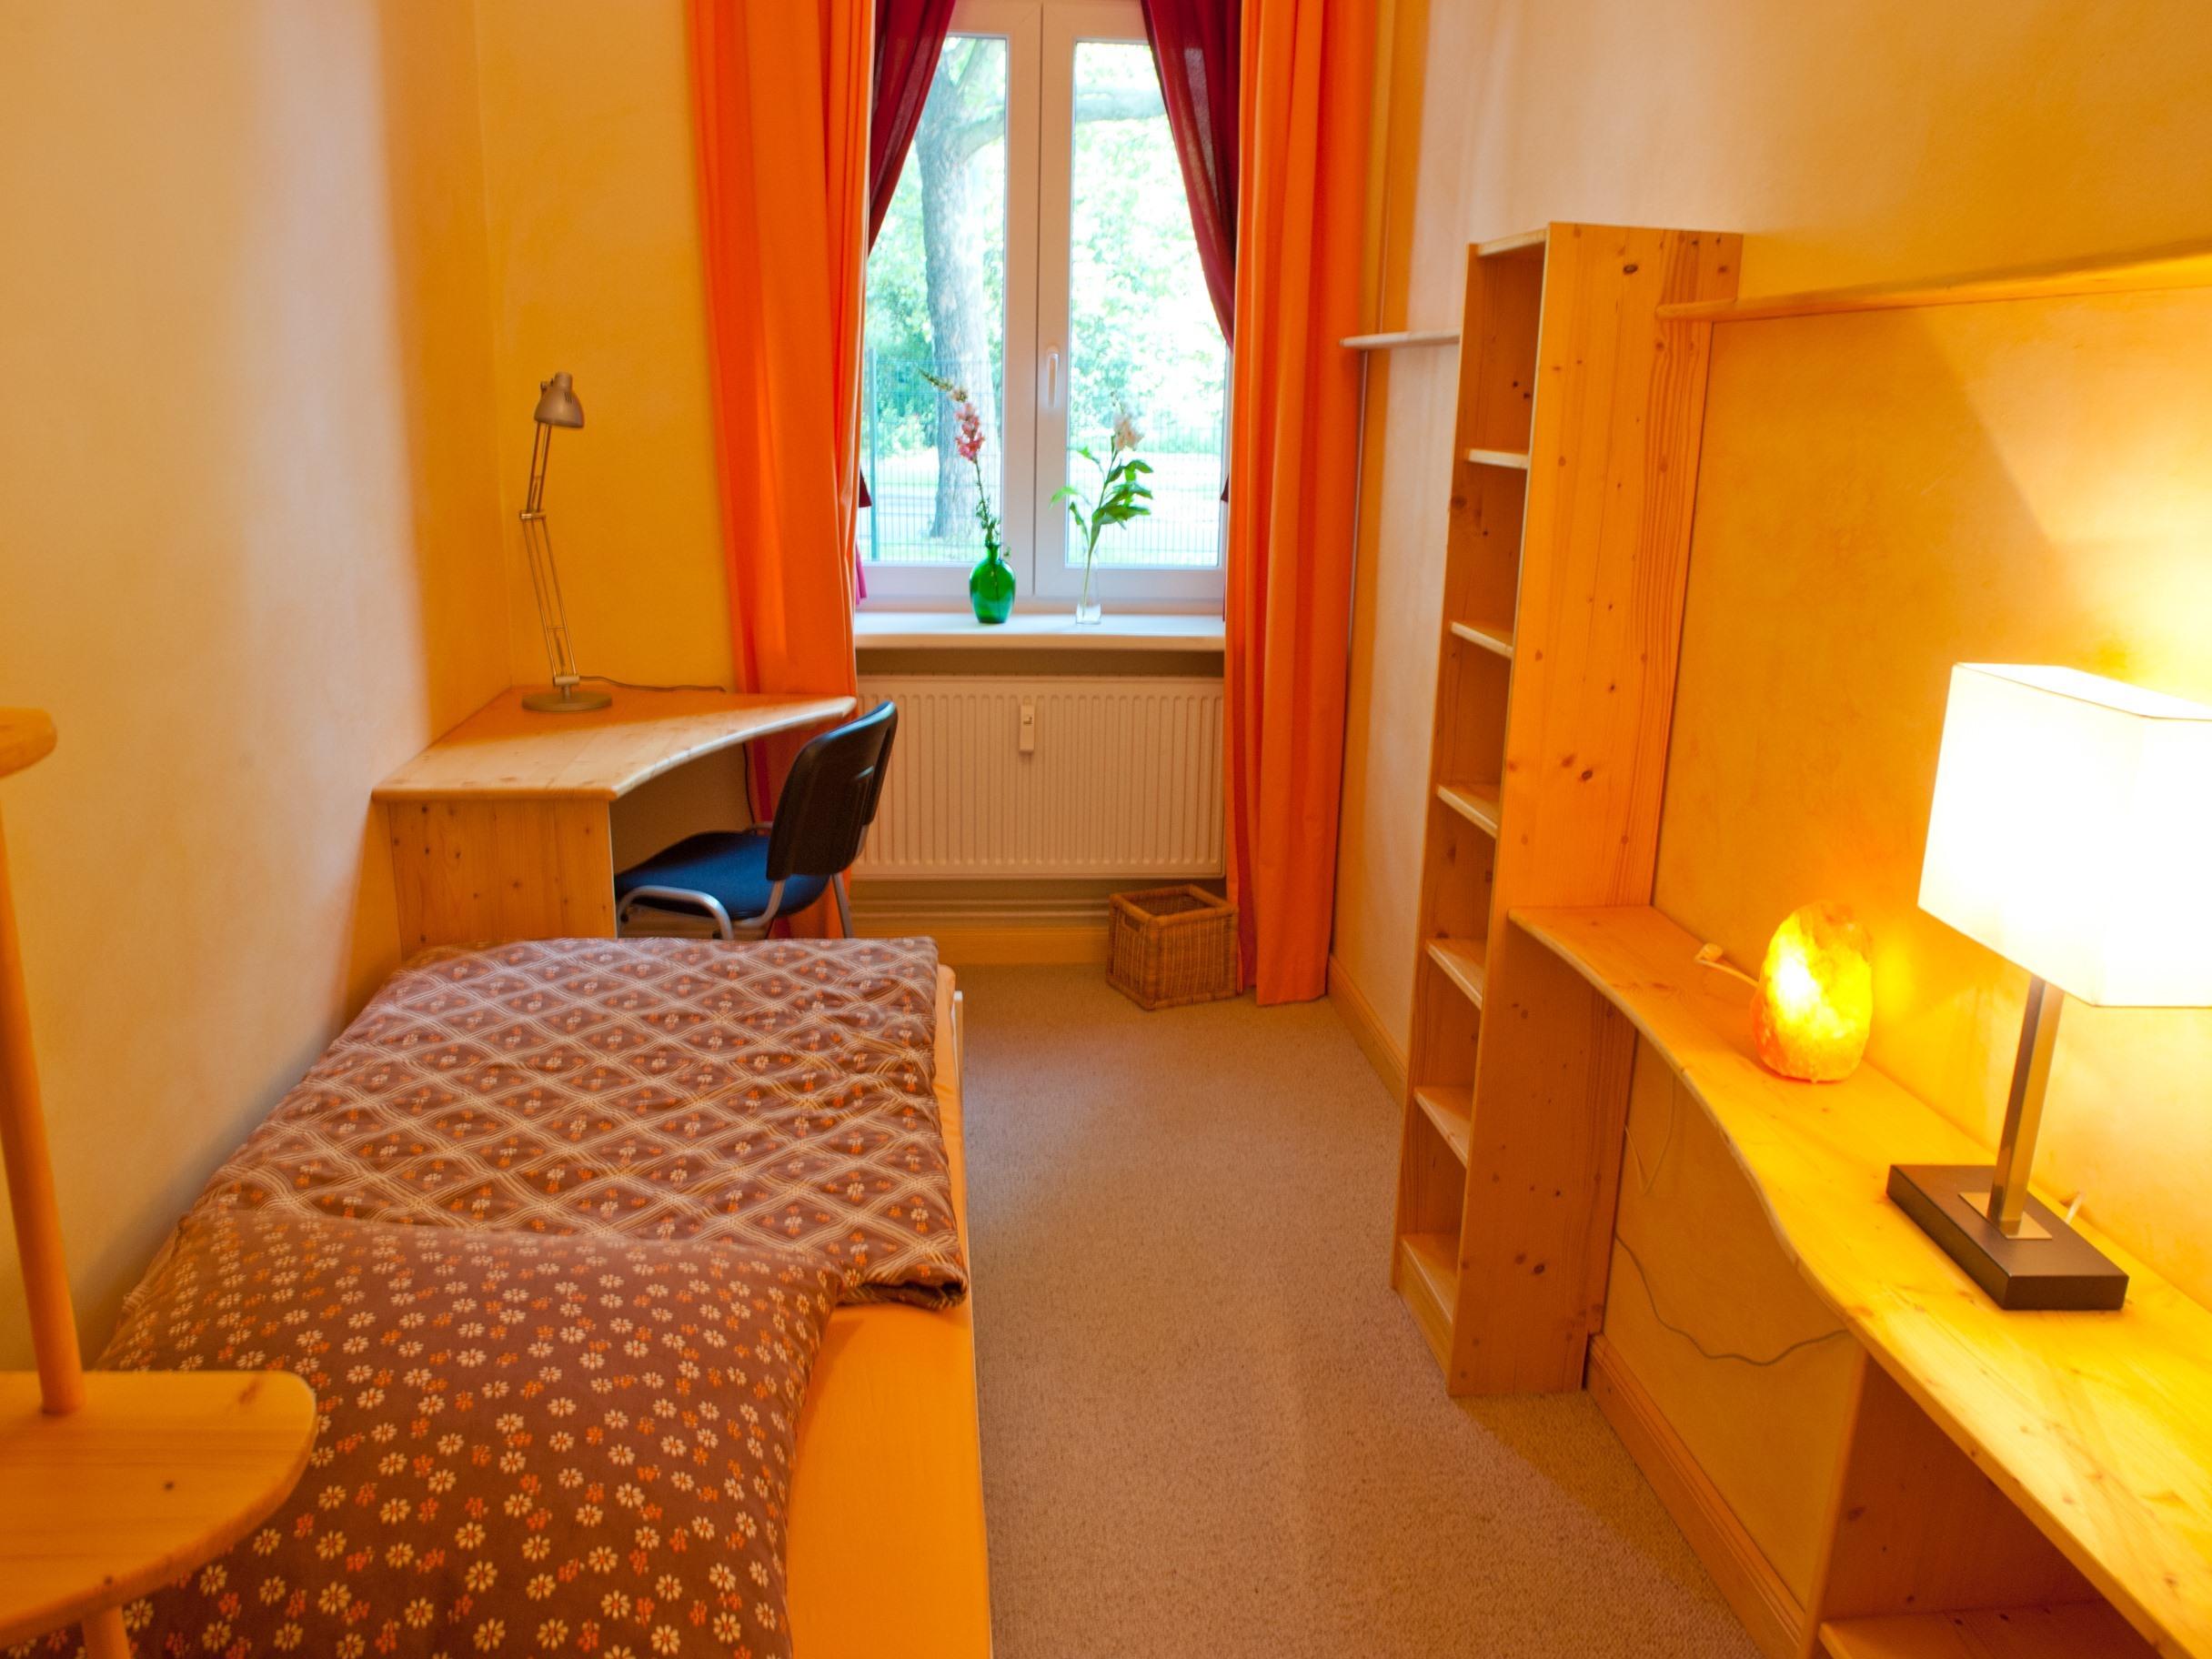 Einzelzimmer-Gemeinsames Badezimmer - Basistarif